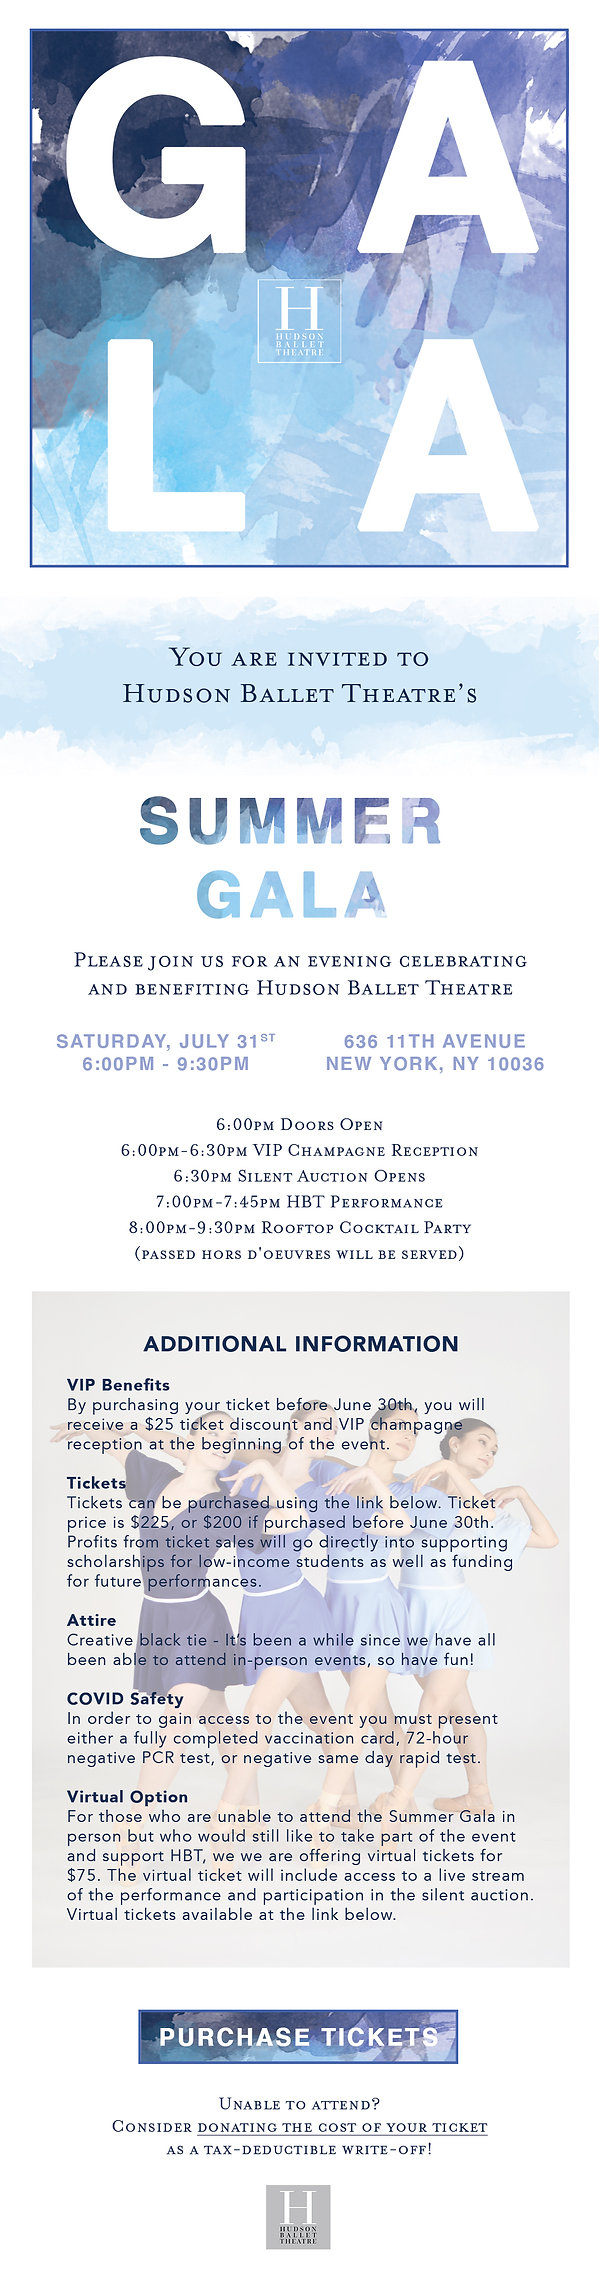 Gala_Invite_V3_full.jpg